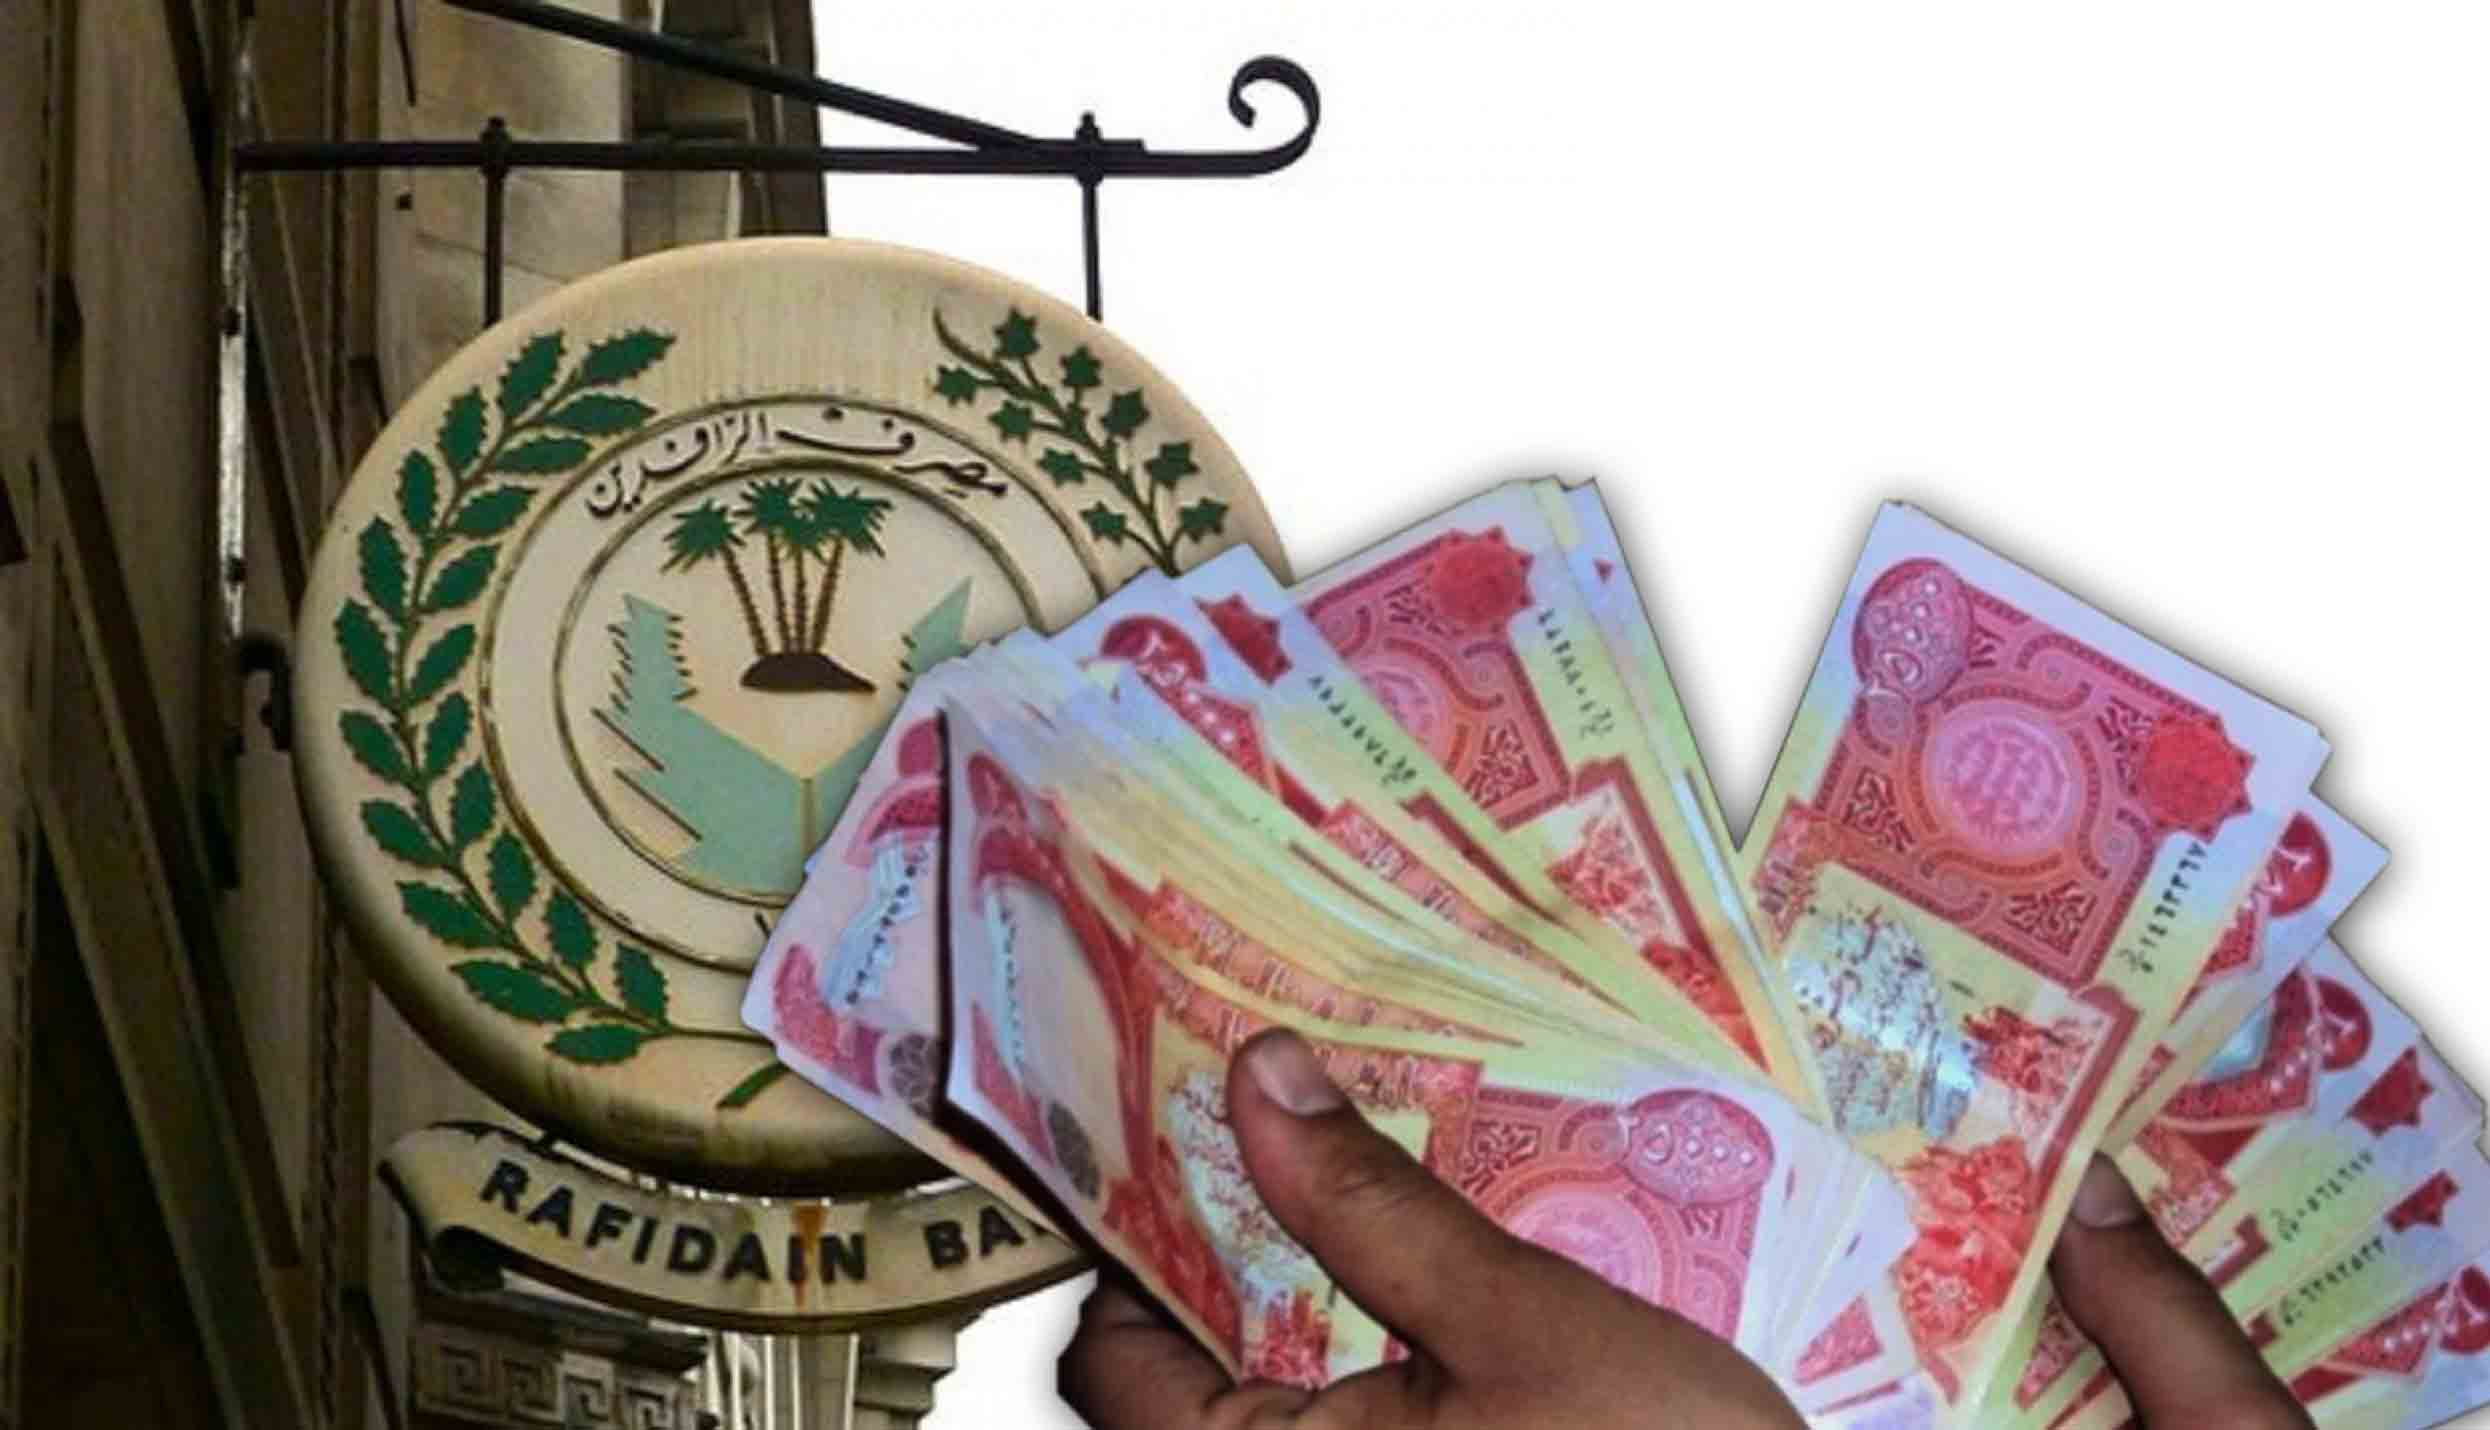 لموظفي العدل .. الرافدين يطلق قرض 50 مليونا وسلفة 10 ملايين دينار